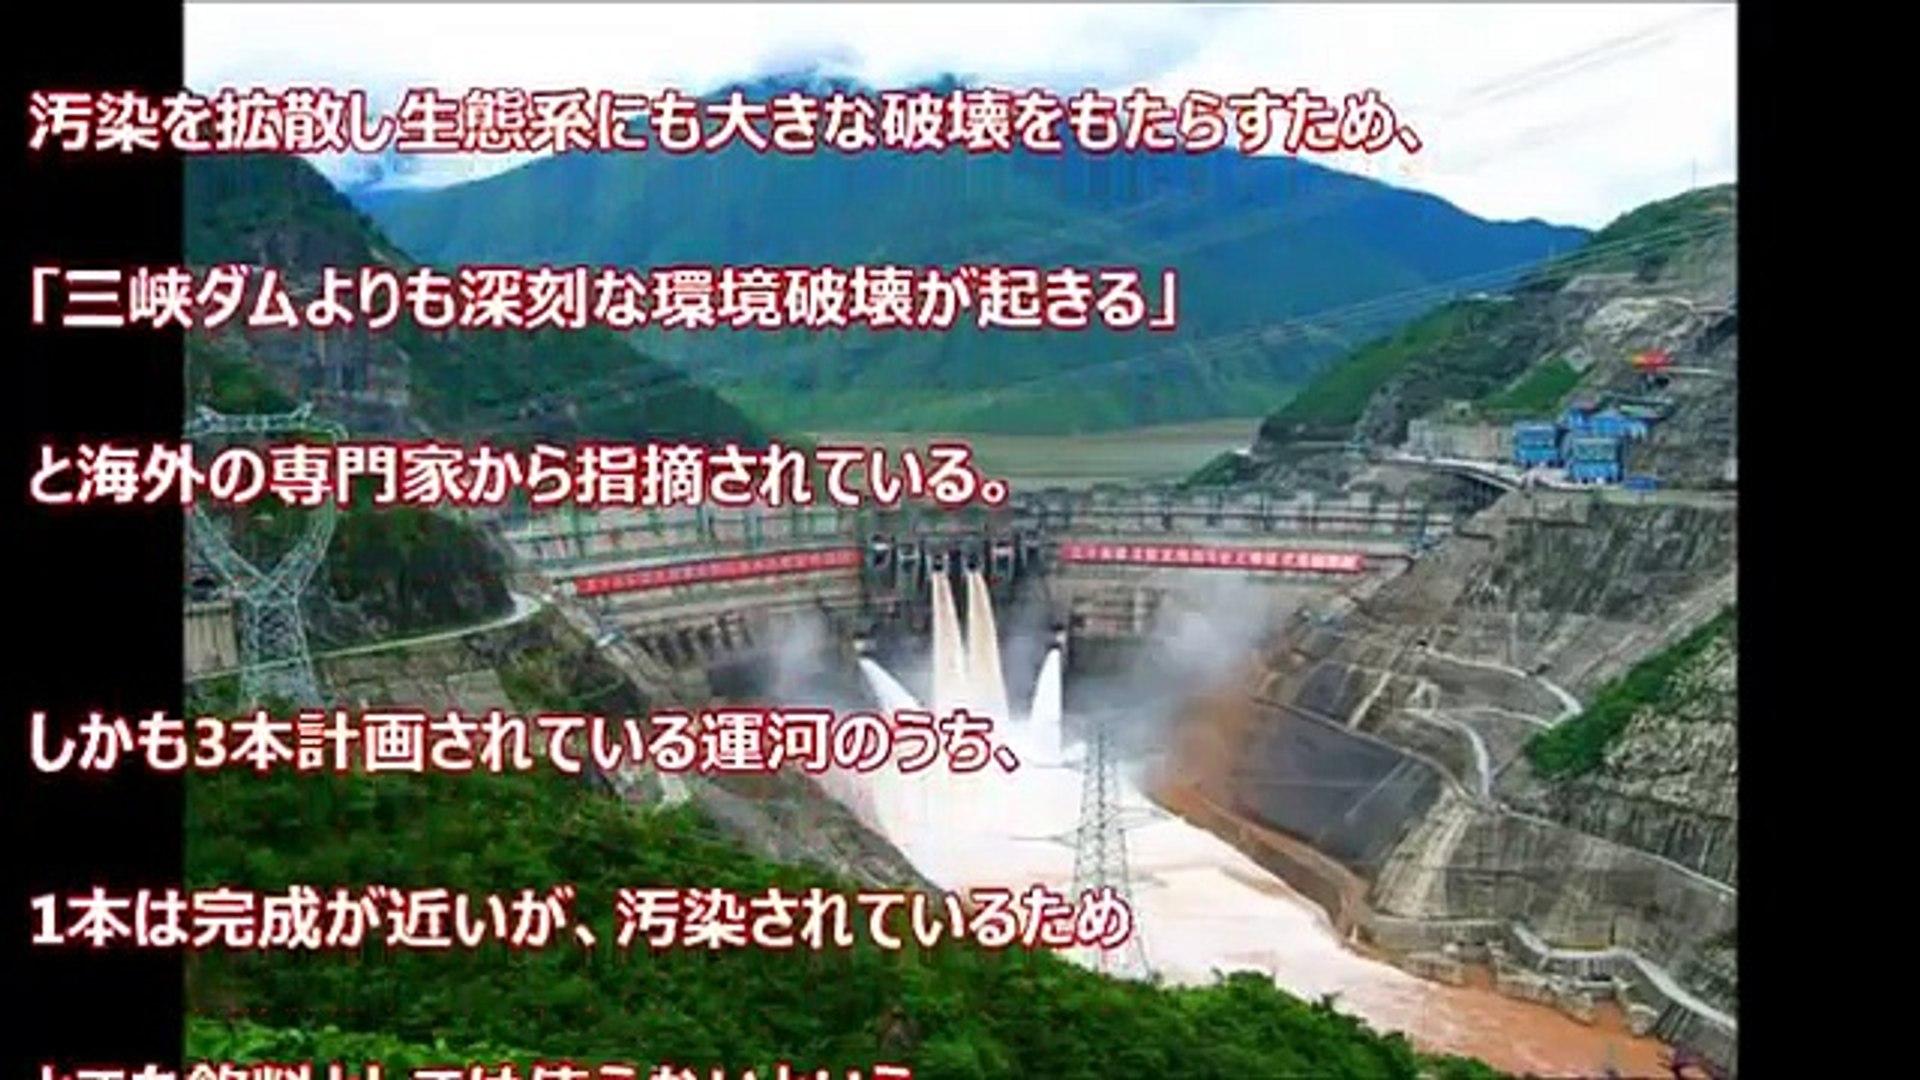 三峡 ダム 決壊